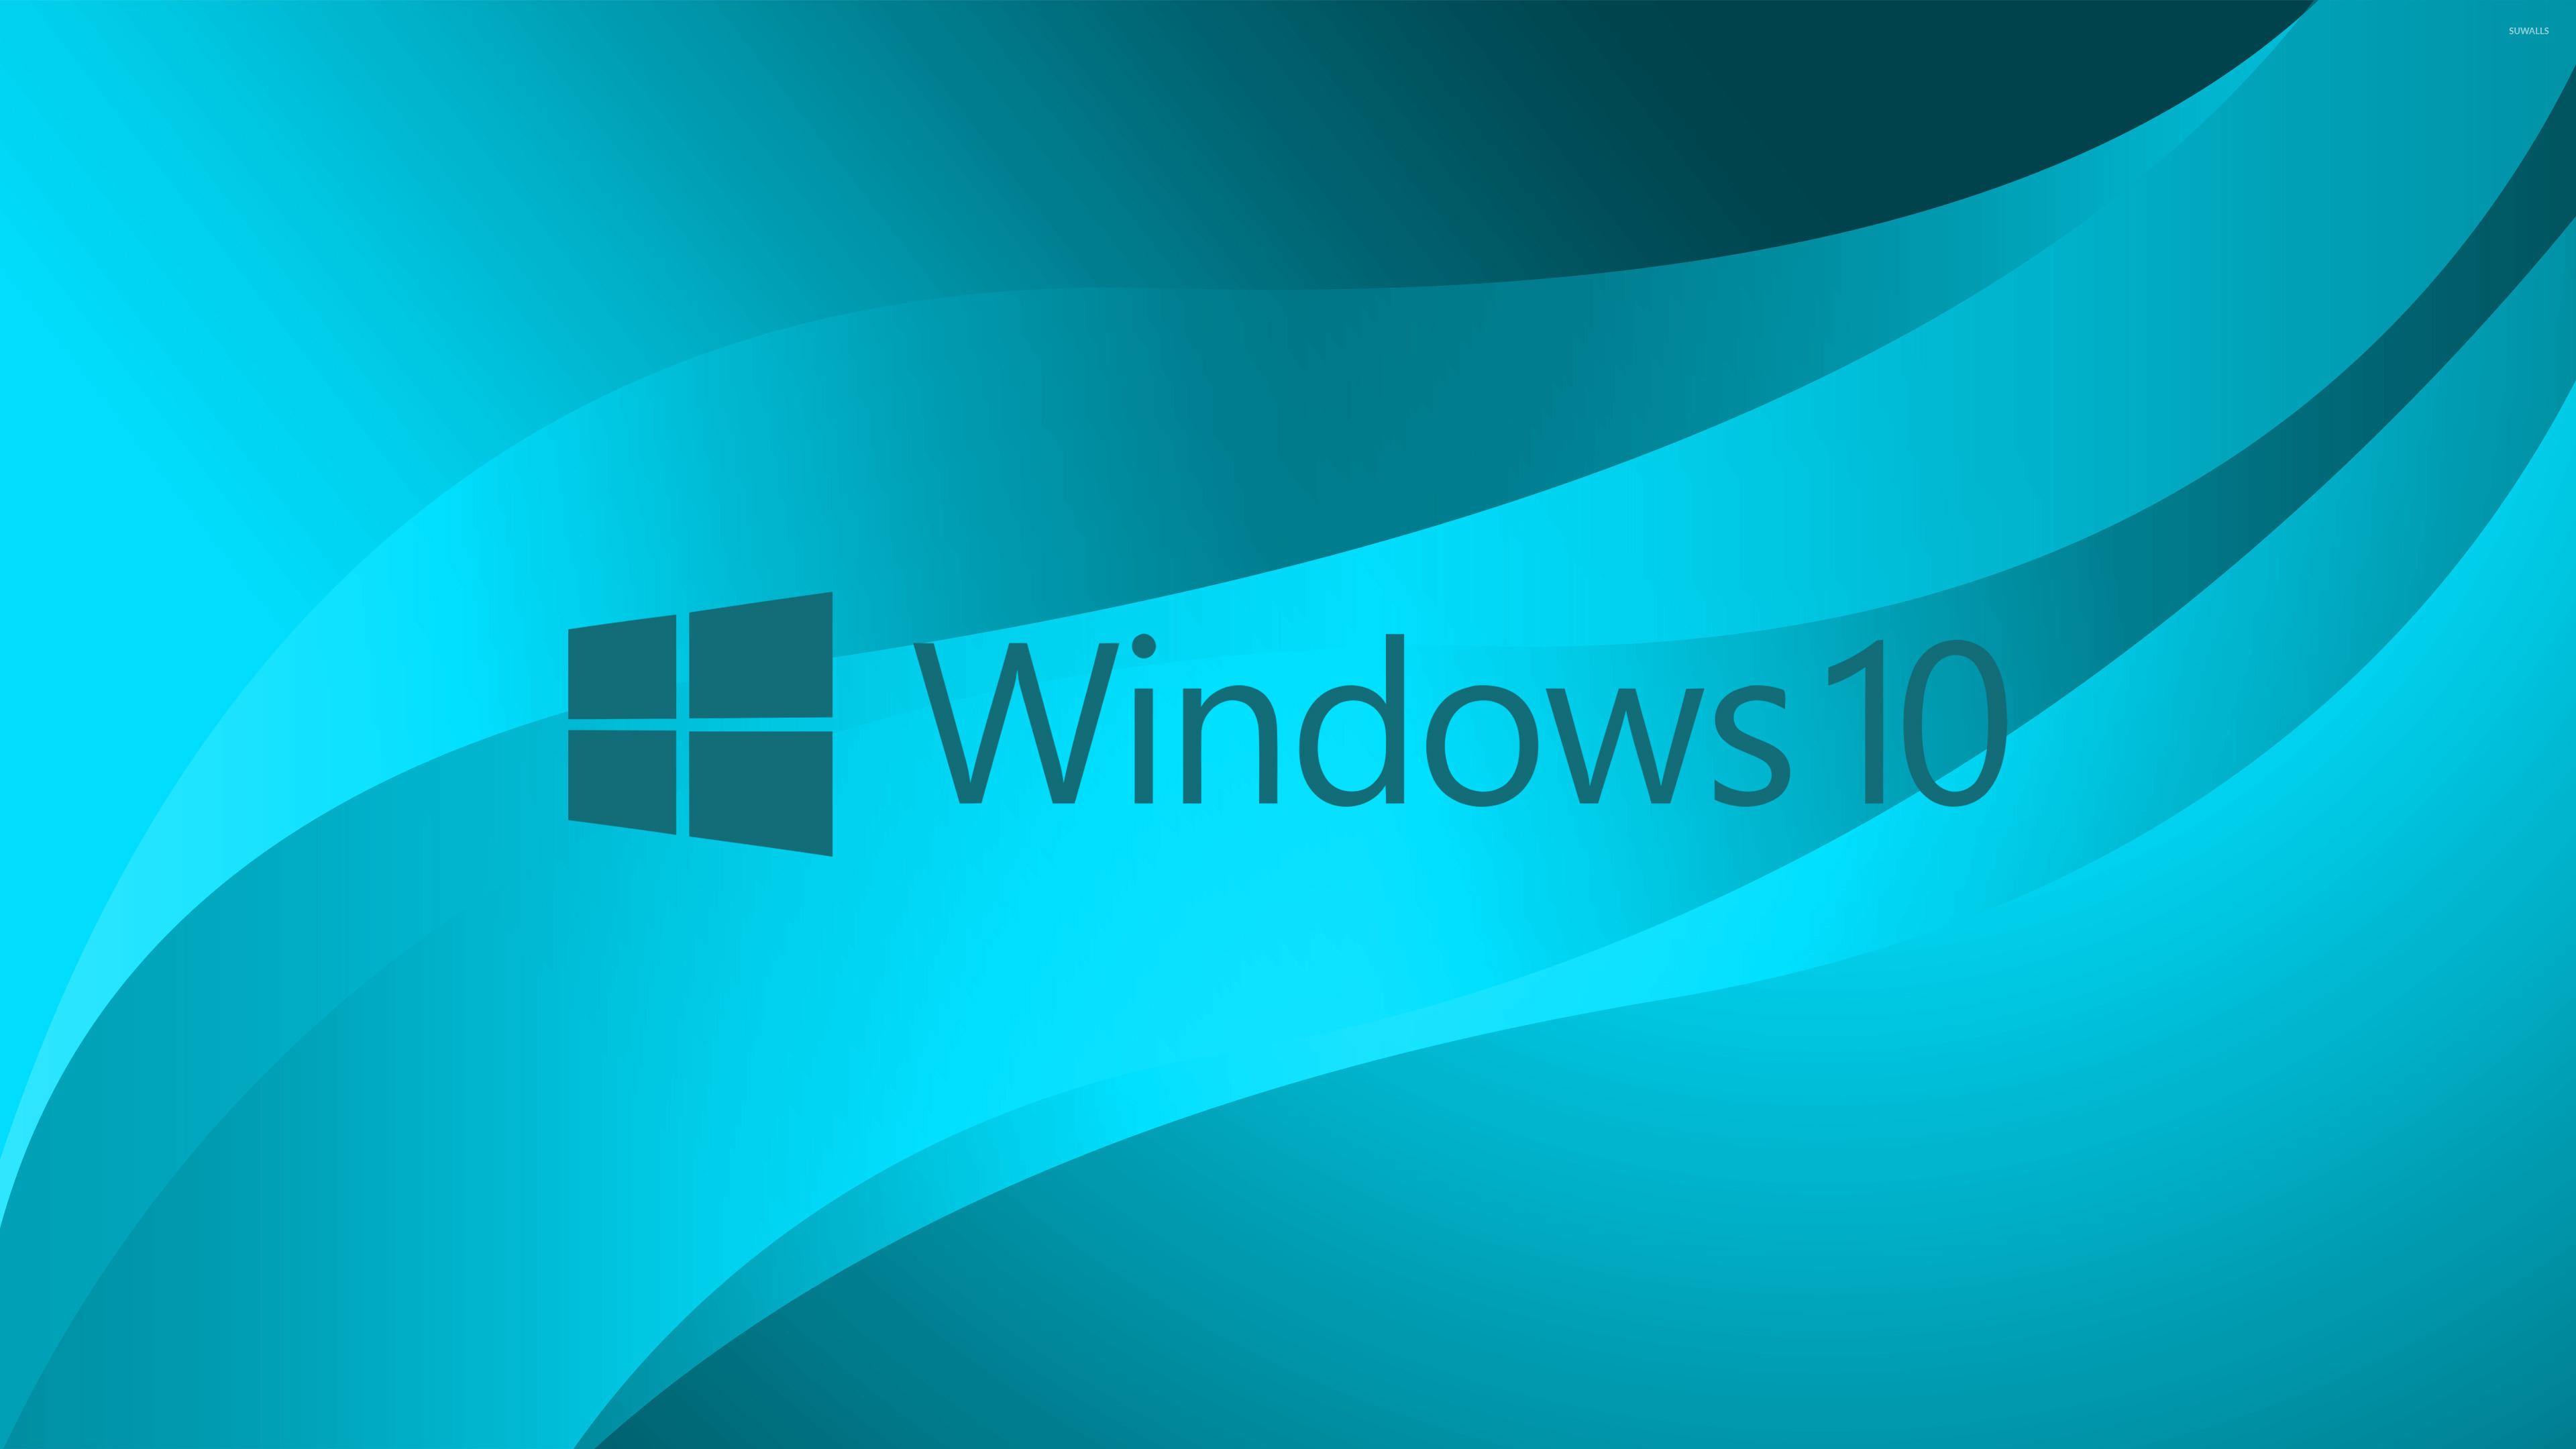 windows 10 blue text logo on light blue wallpaper - computer